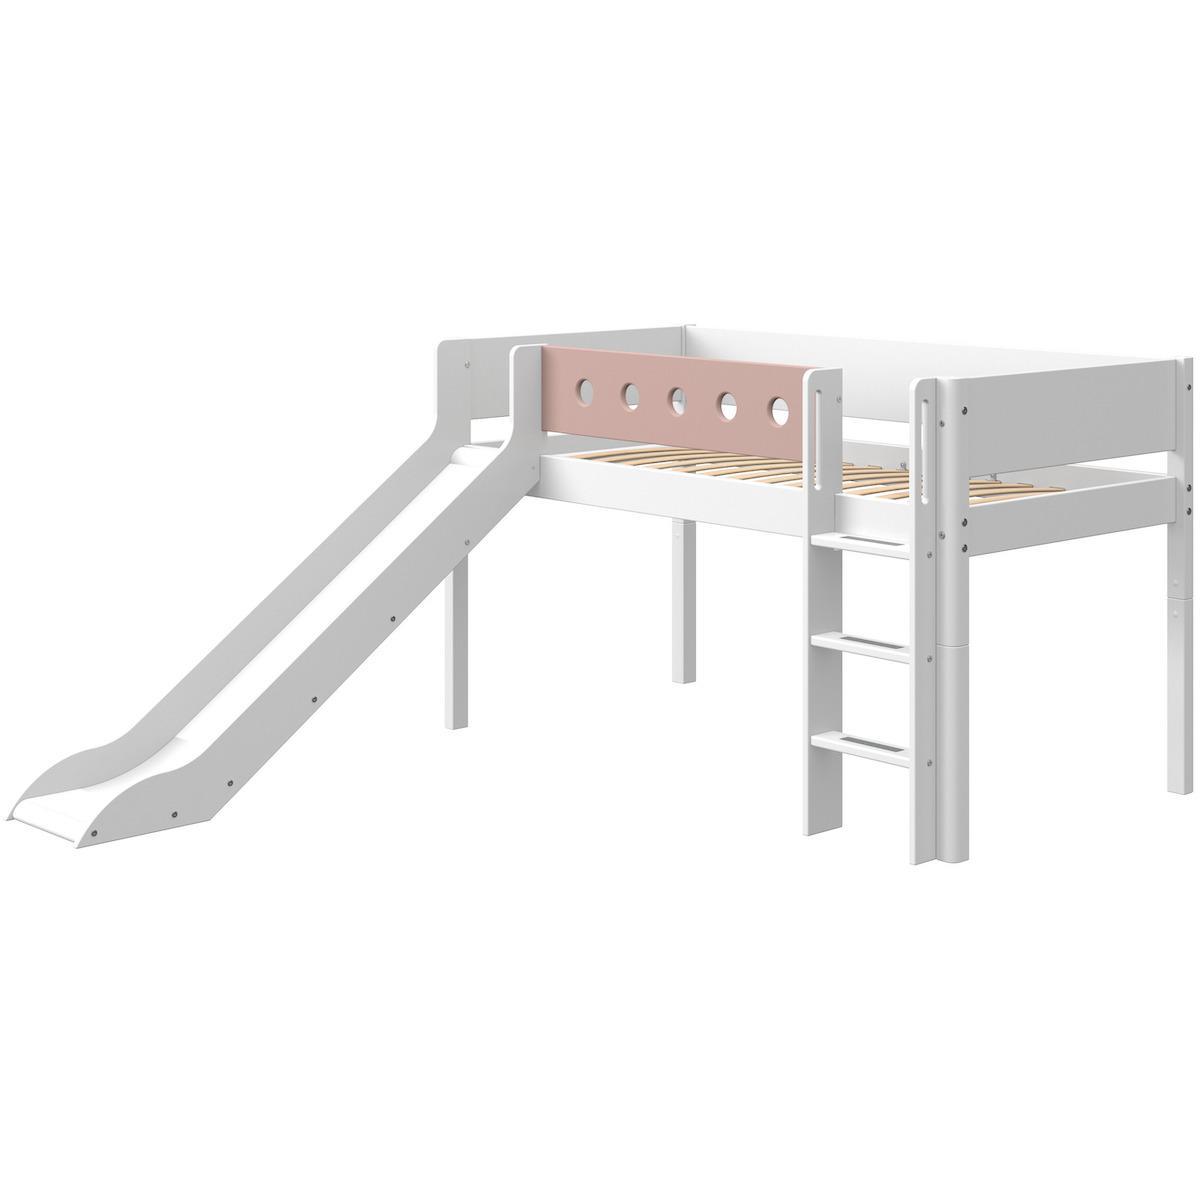 Halbhohes Bett mitwachsend 90x190cm gerade Leiter-Rutsche WHITE Flexa weiß-light rose